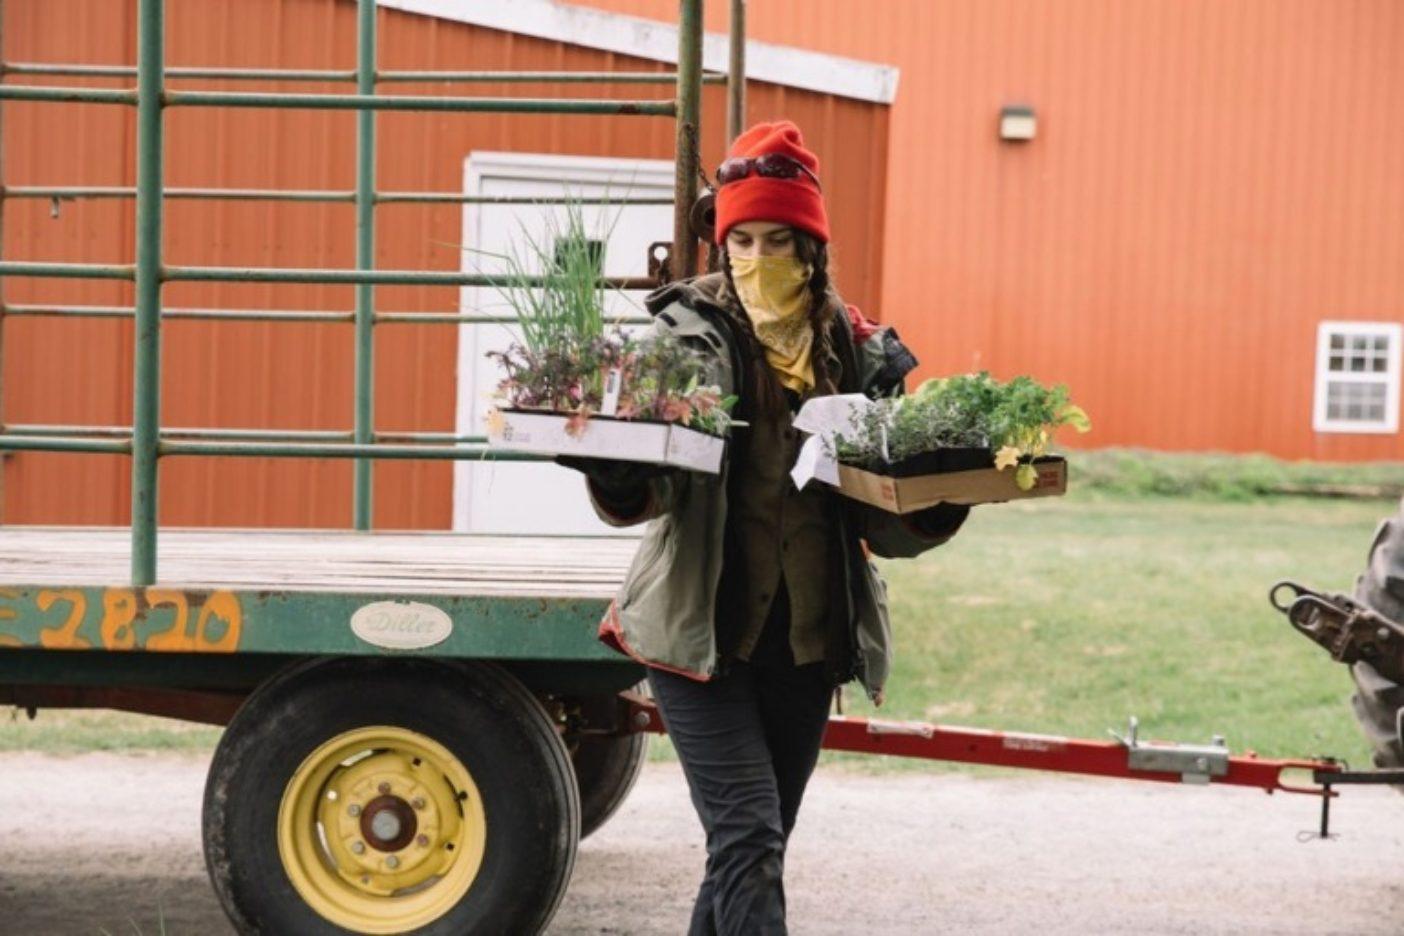 ドライブスルーで植物を販売する際、お客様の安全に保つための手順にしたがう〈ロデール〉のインターン、デライラ・ミスケ。photo:Johnie Gall